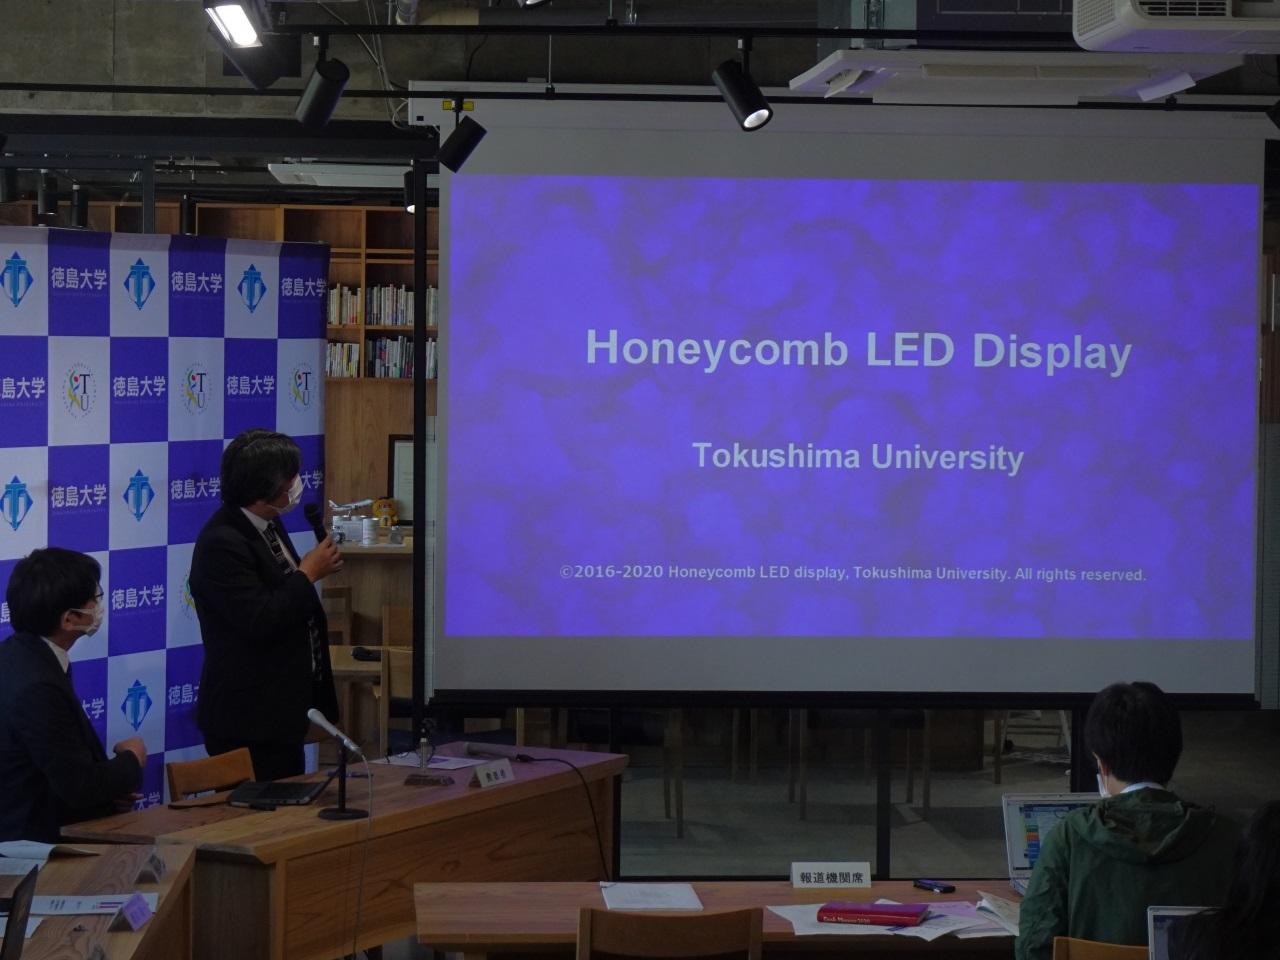 徳島大学ハニカムLEDディスプレイ「記者会見」